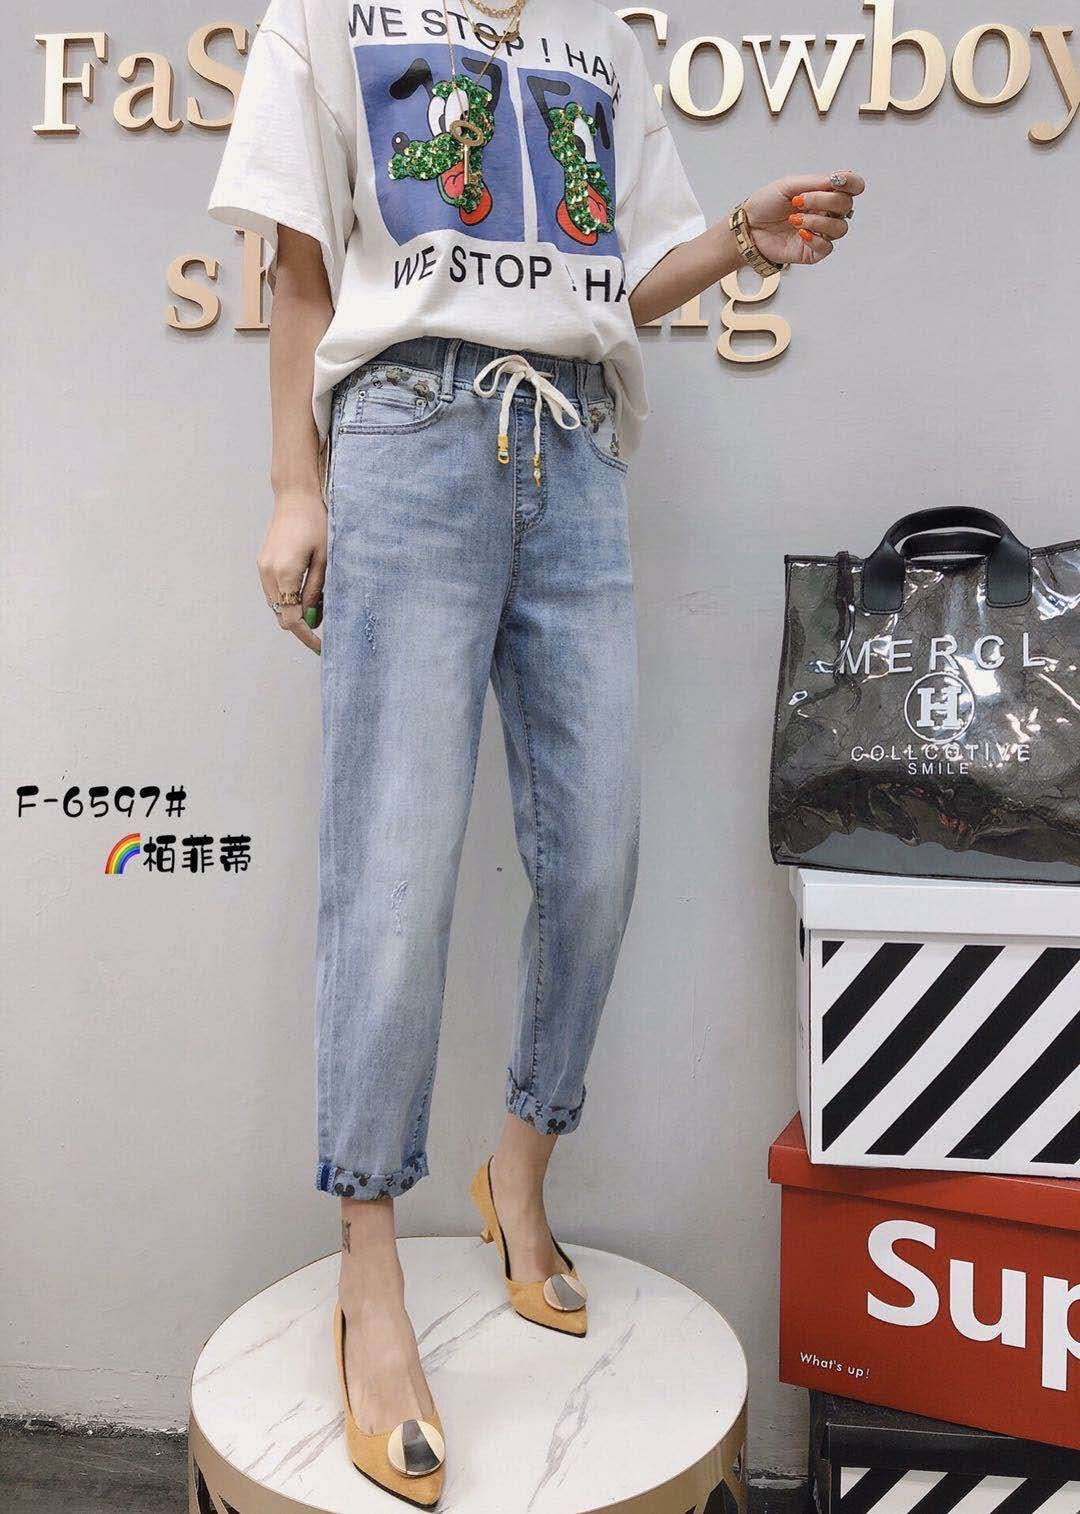 2020夏季大码女裤胖mm柏菲蒂新款韩版直筒松紧腰七分6597